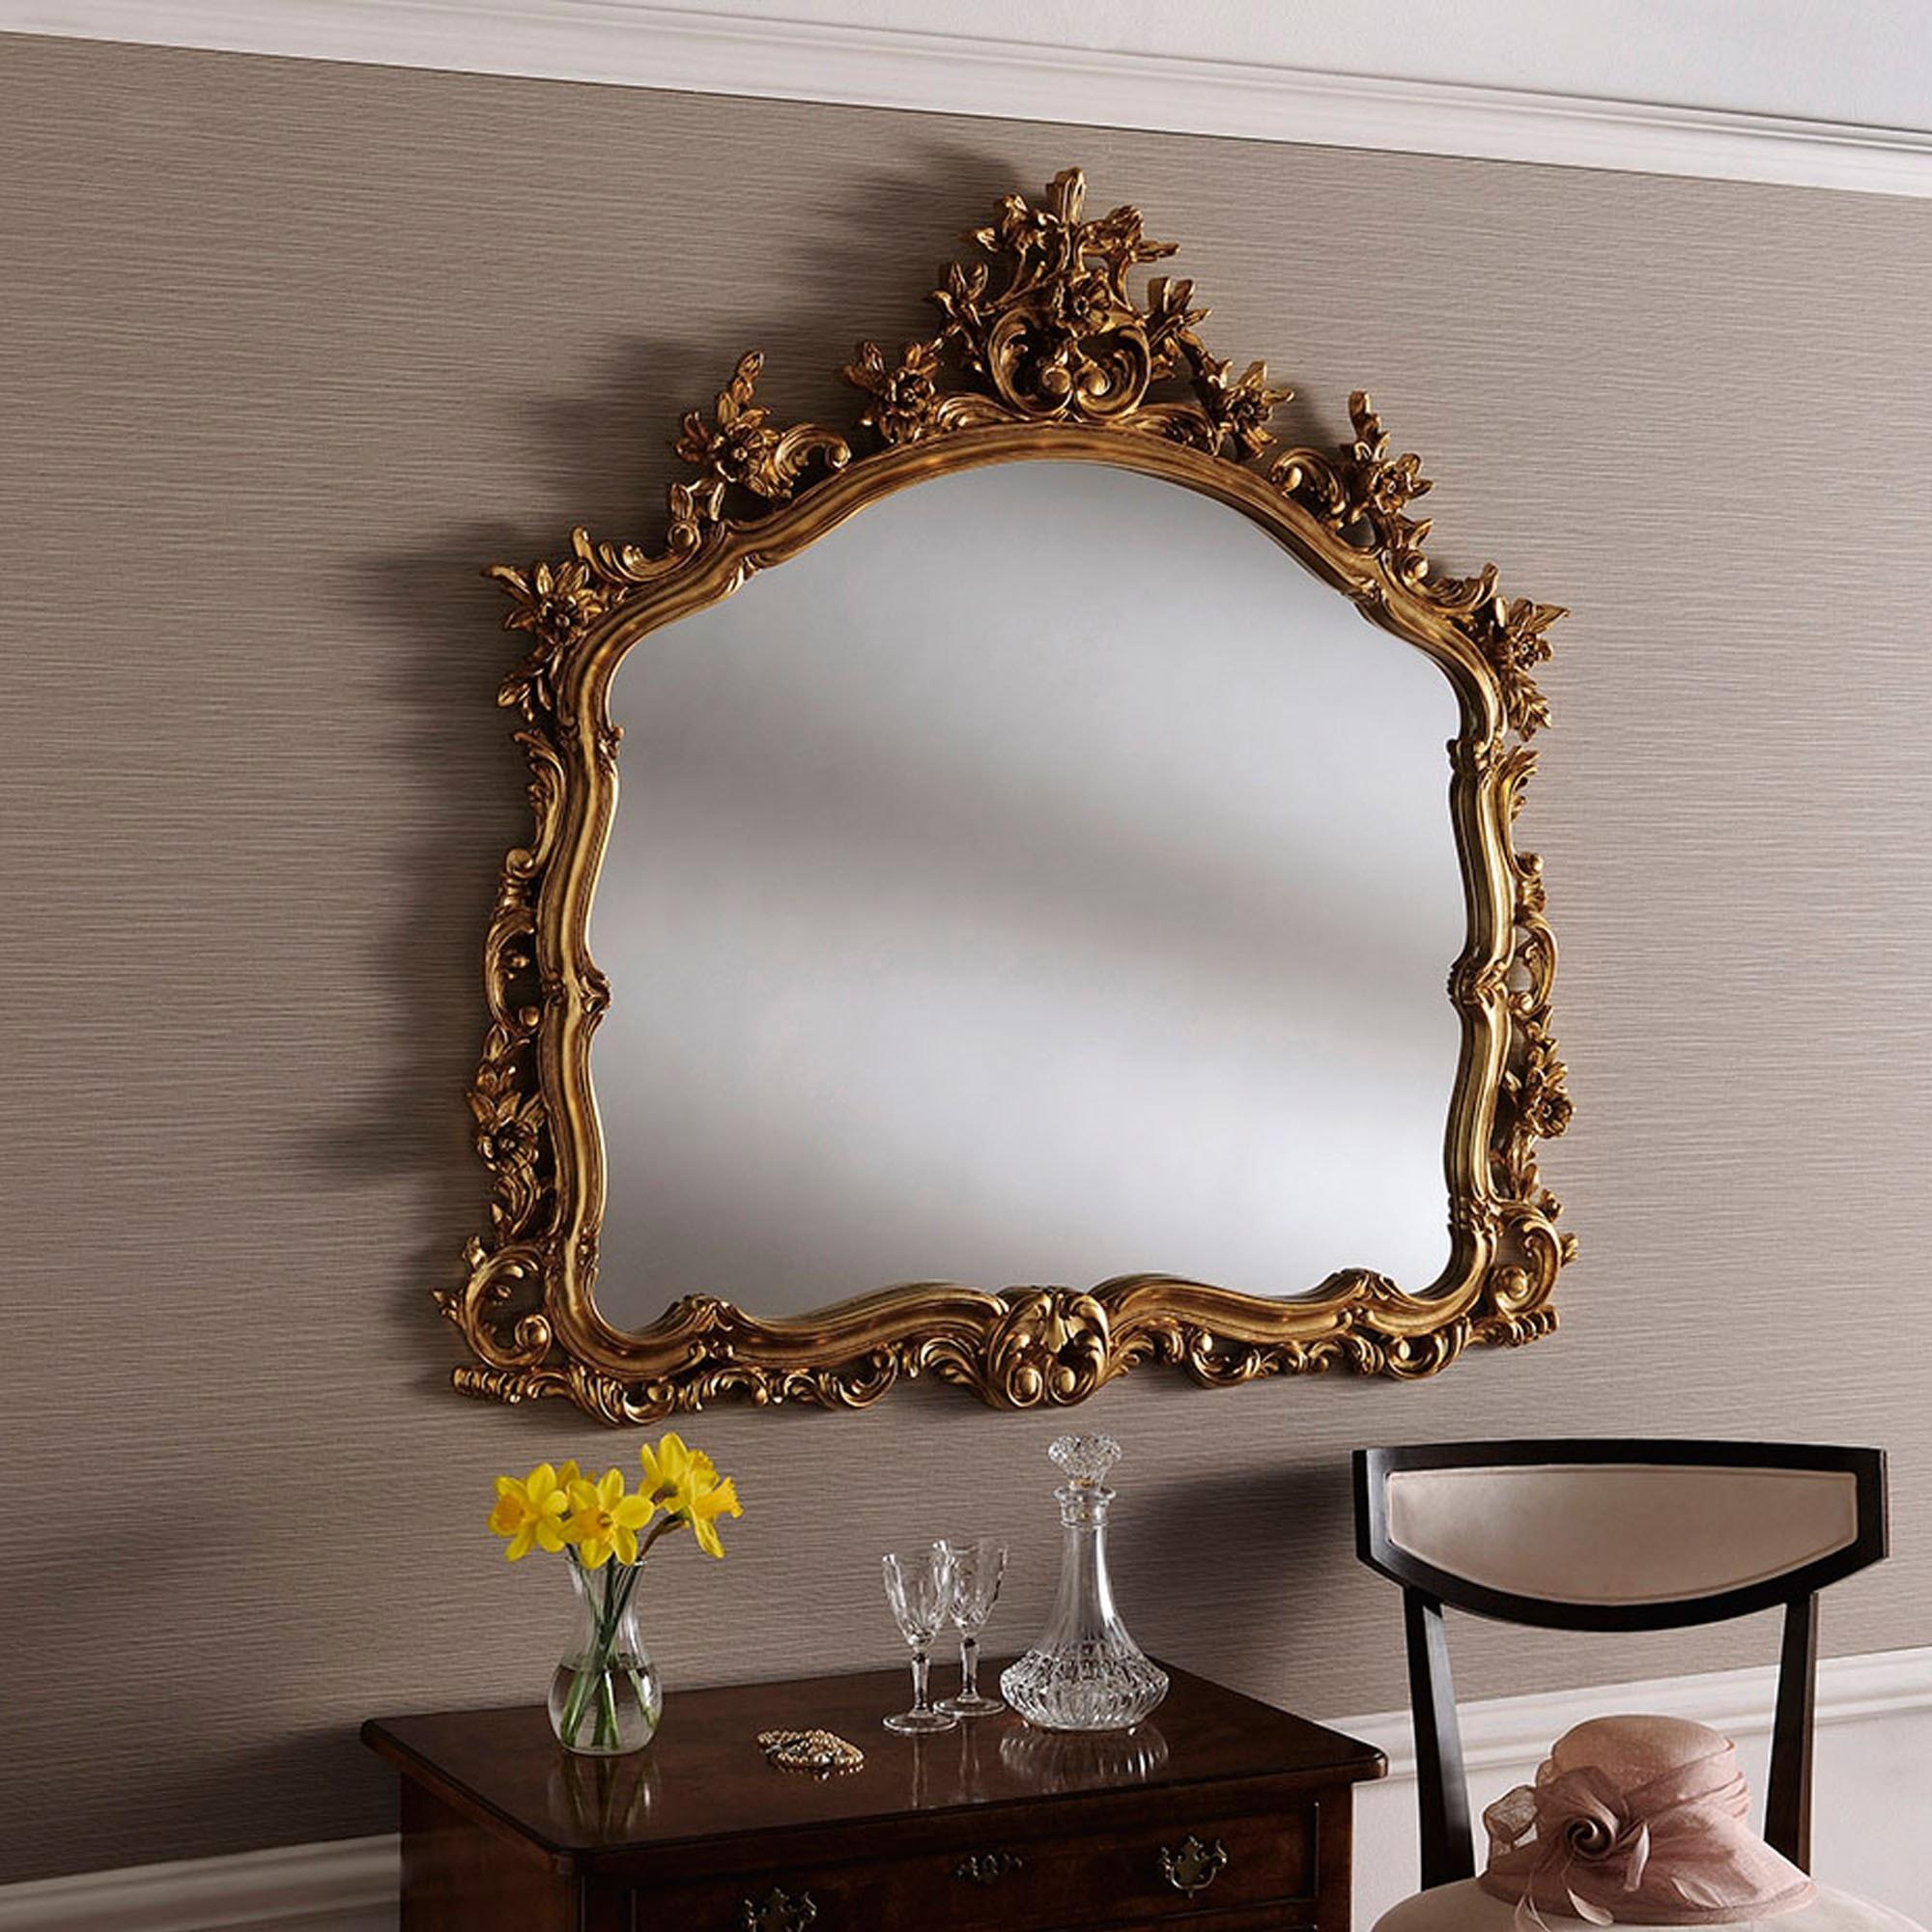 Decorative Gold Ornate Wall Mirror | Decorative Gold Mirror on Wall Mirrors Decorative id=27331